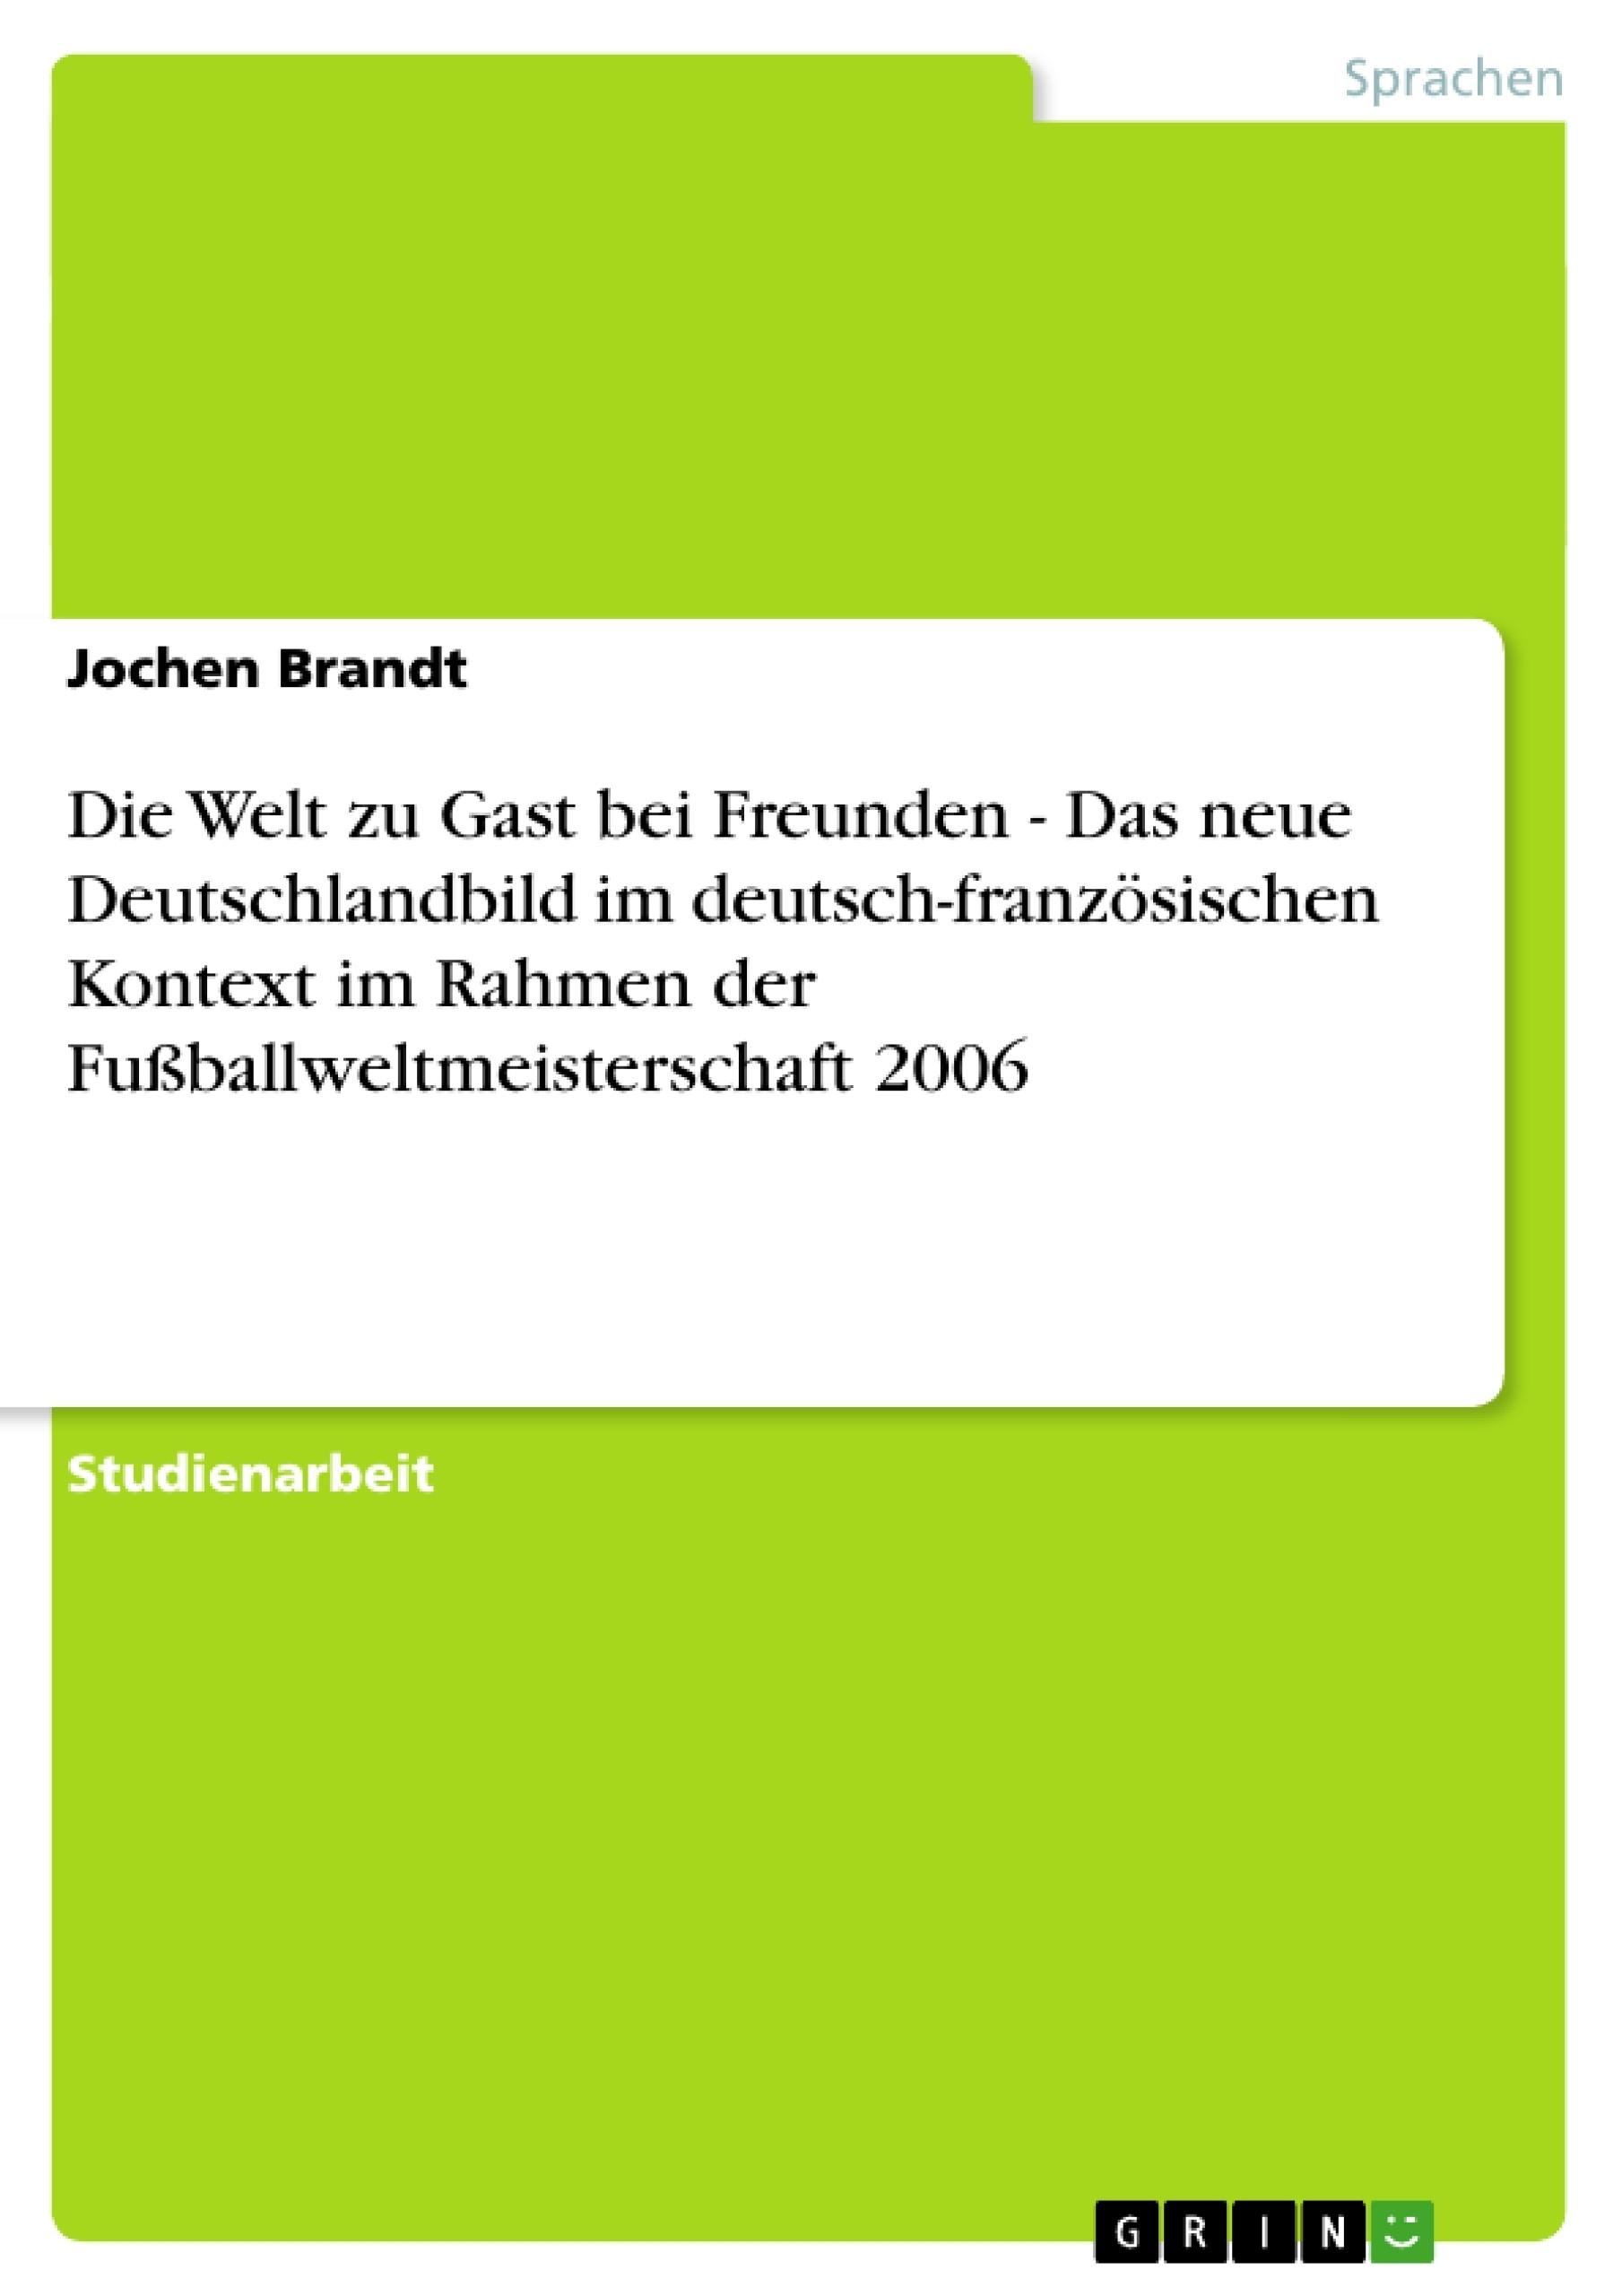 Titel: Die Welt zu Gast bei Freunden - Das neue Deutschlandbild im deutsch-französischen Kontext im Rahmen der Fußballweltmeisterschaft 2006